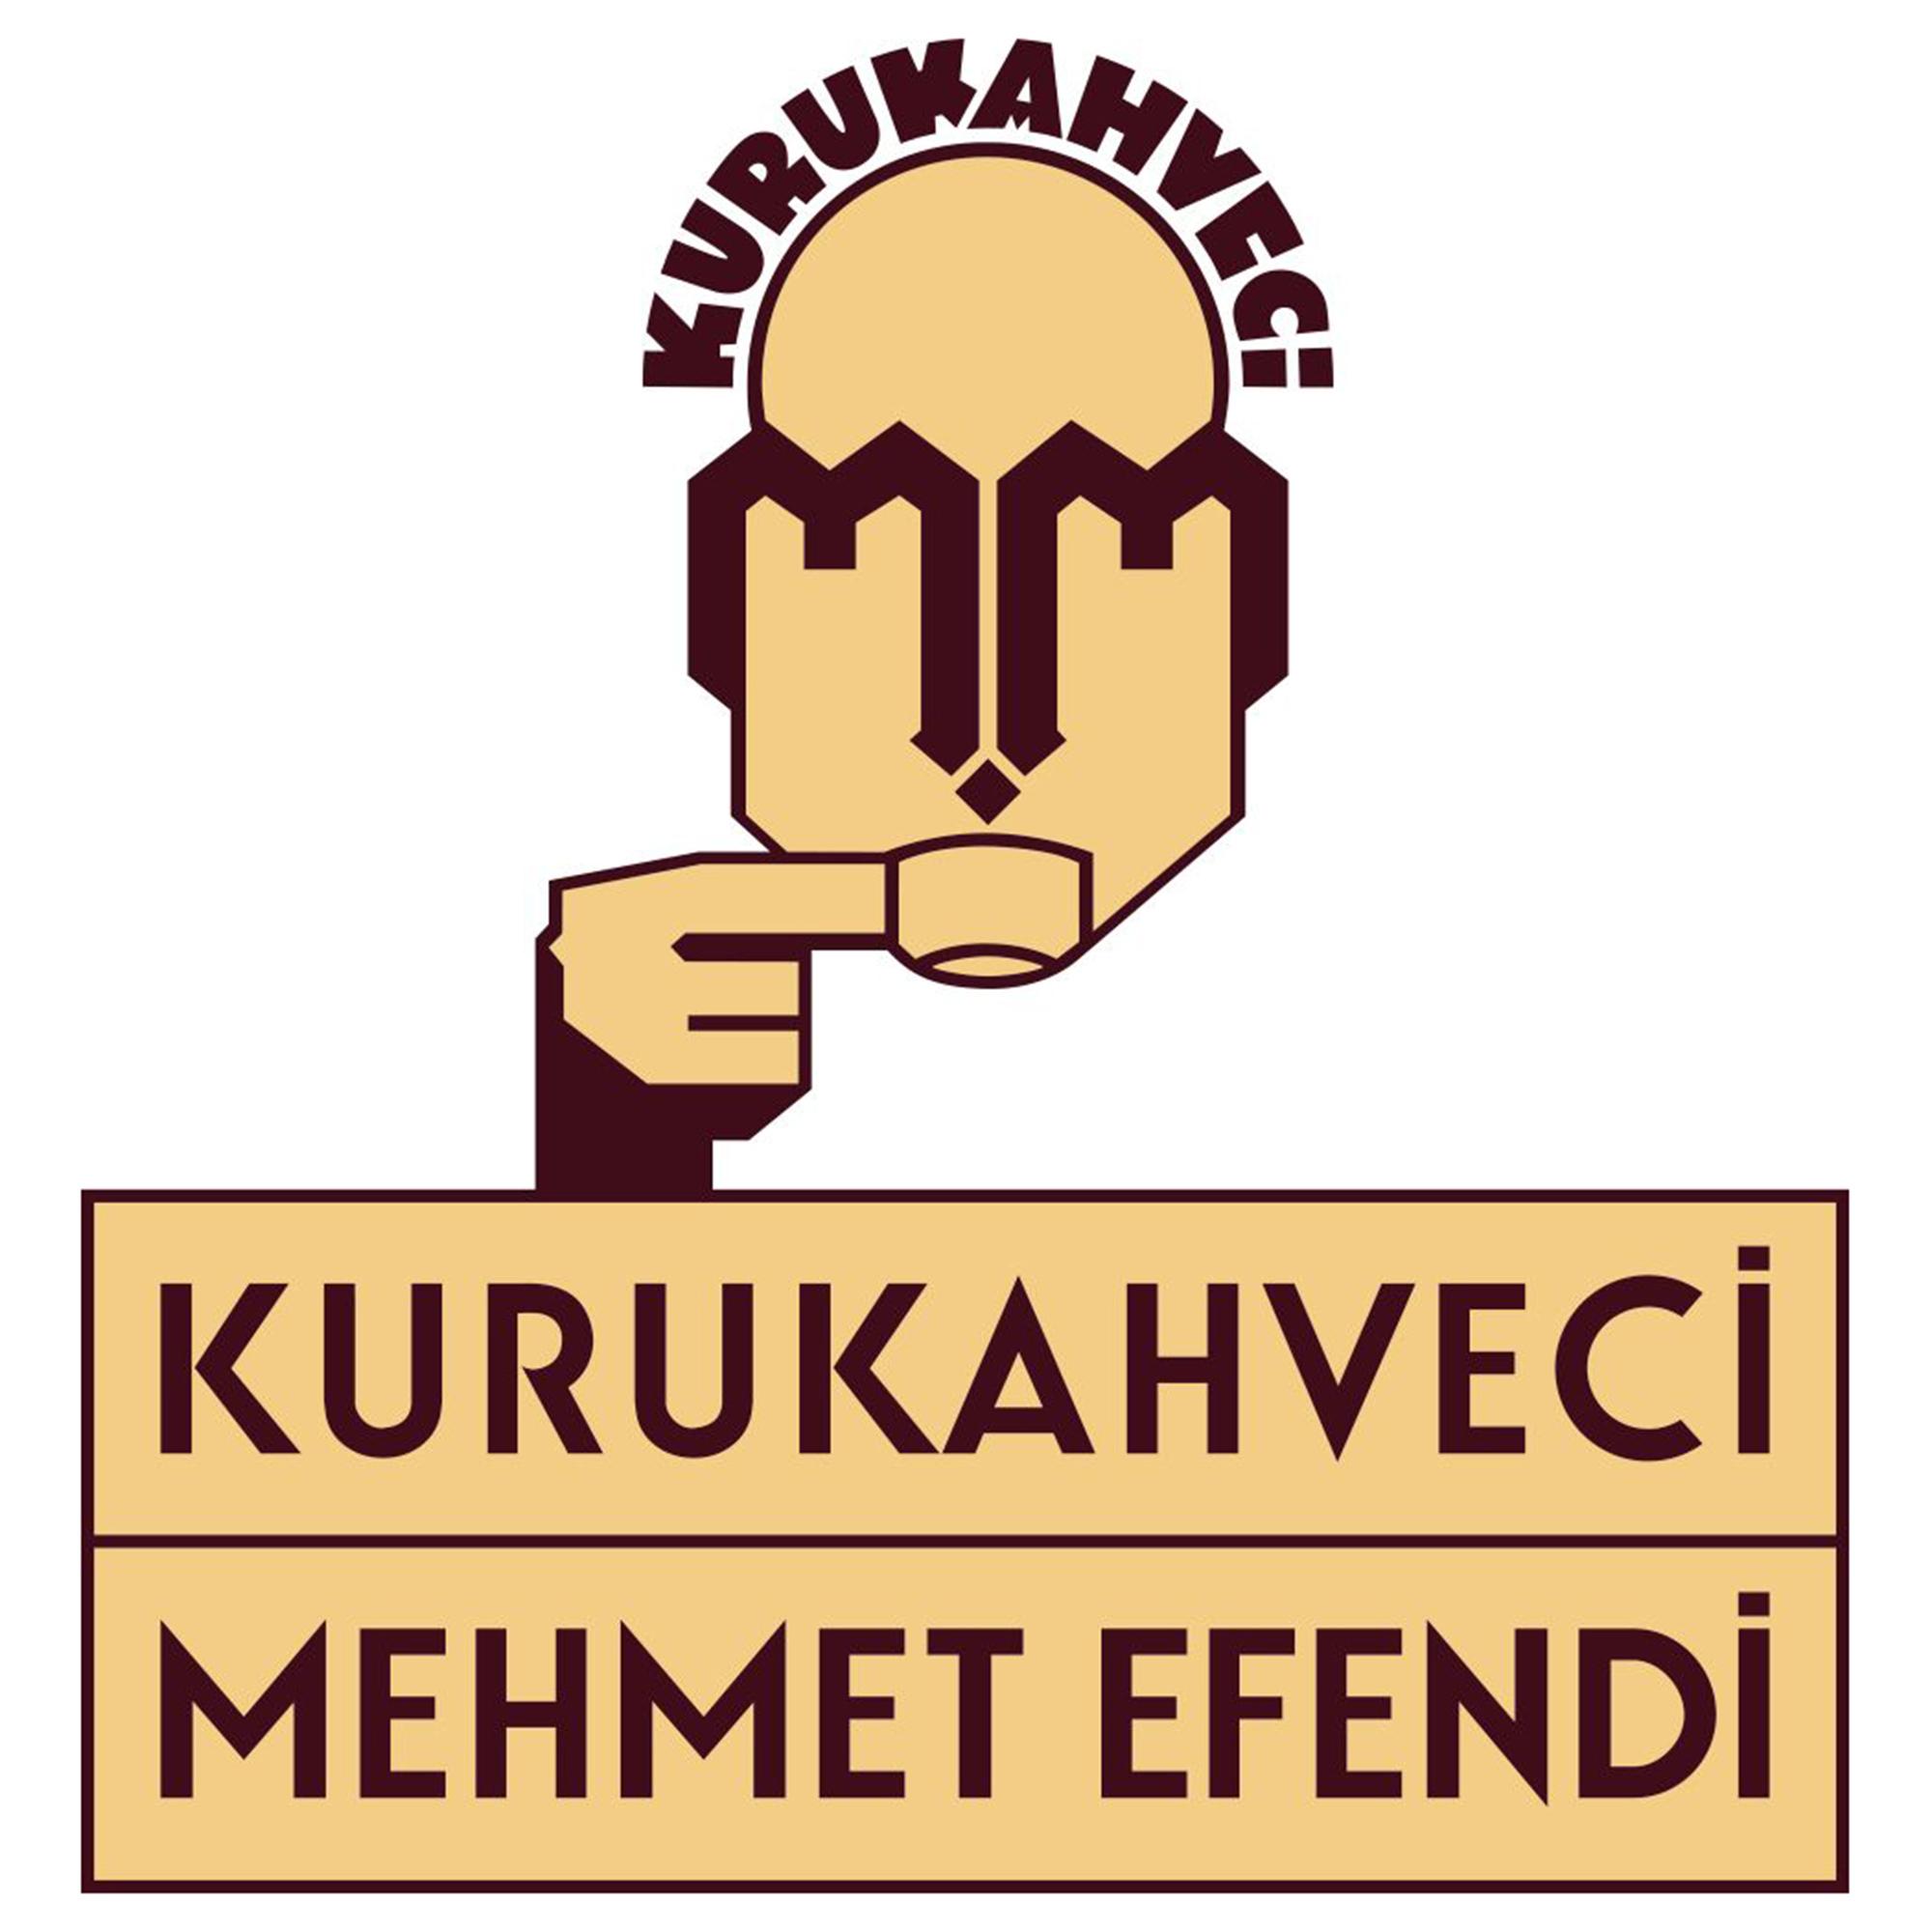 Mehmet Efenedi Kuru Kahveci